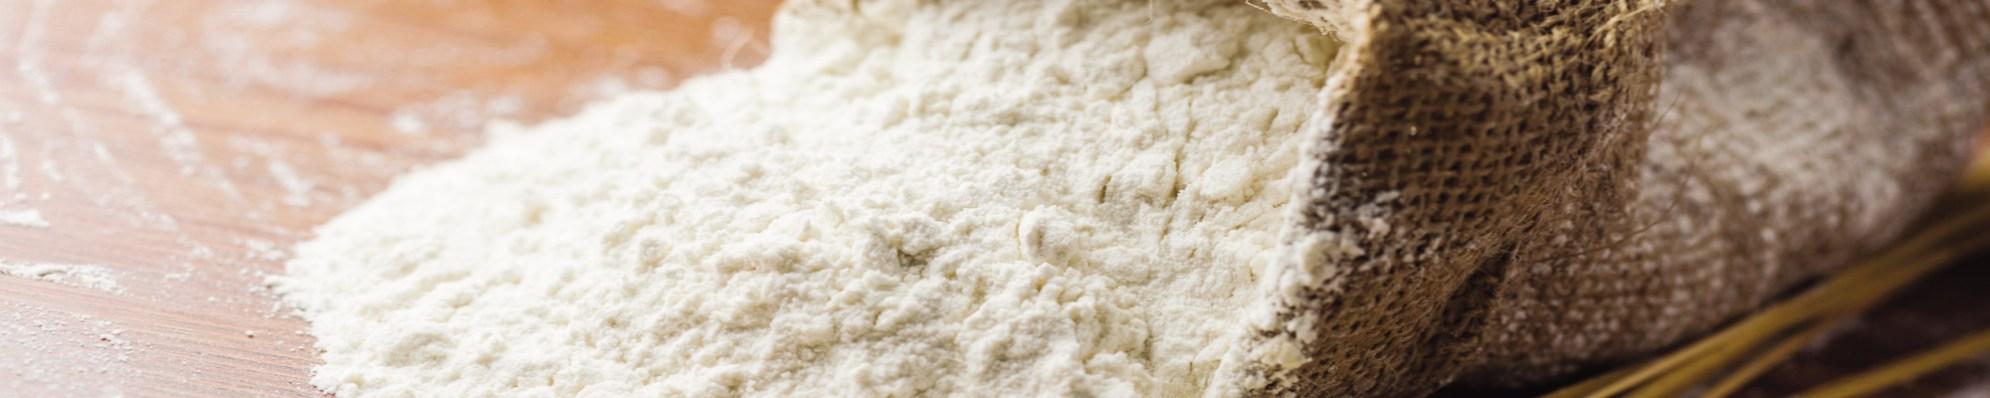 h_flour2